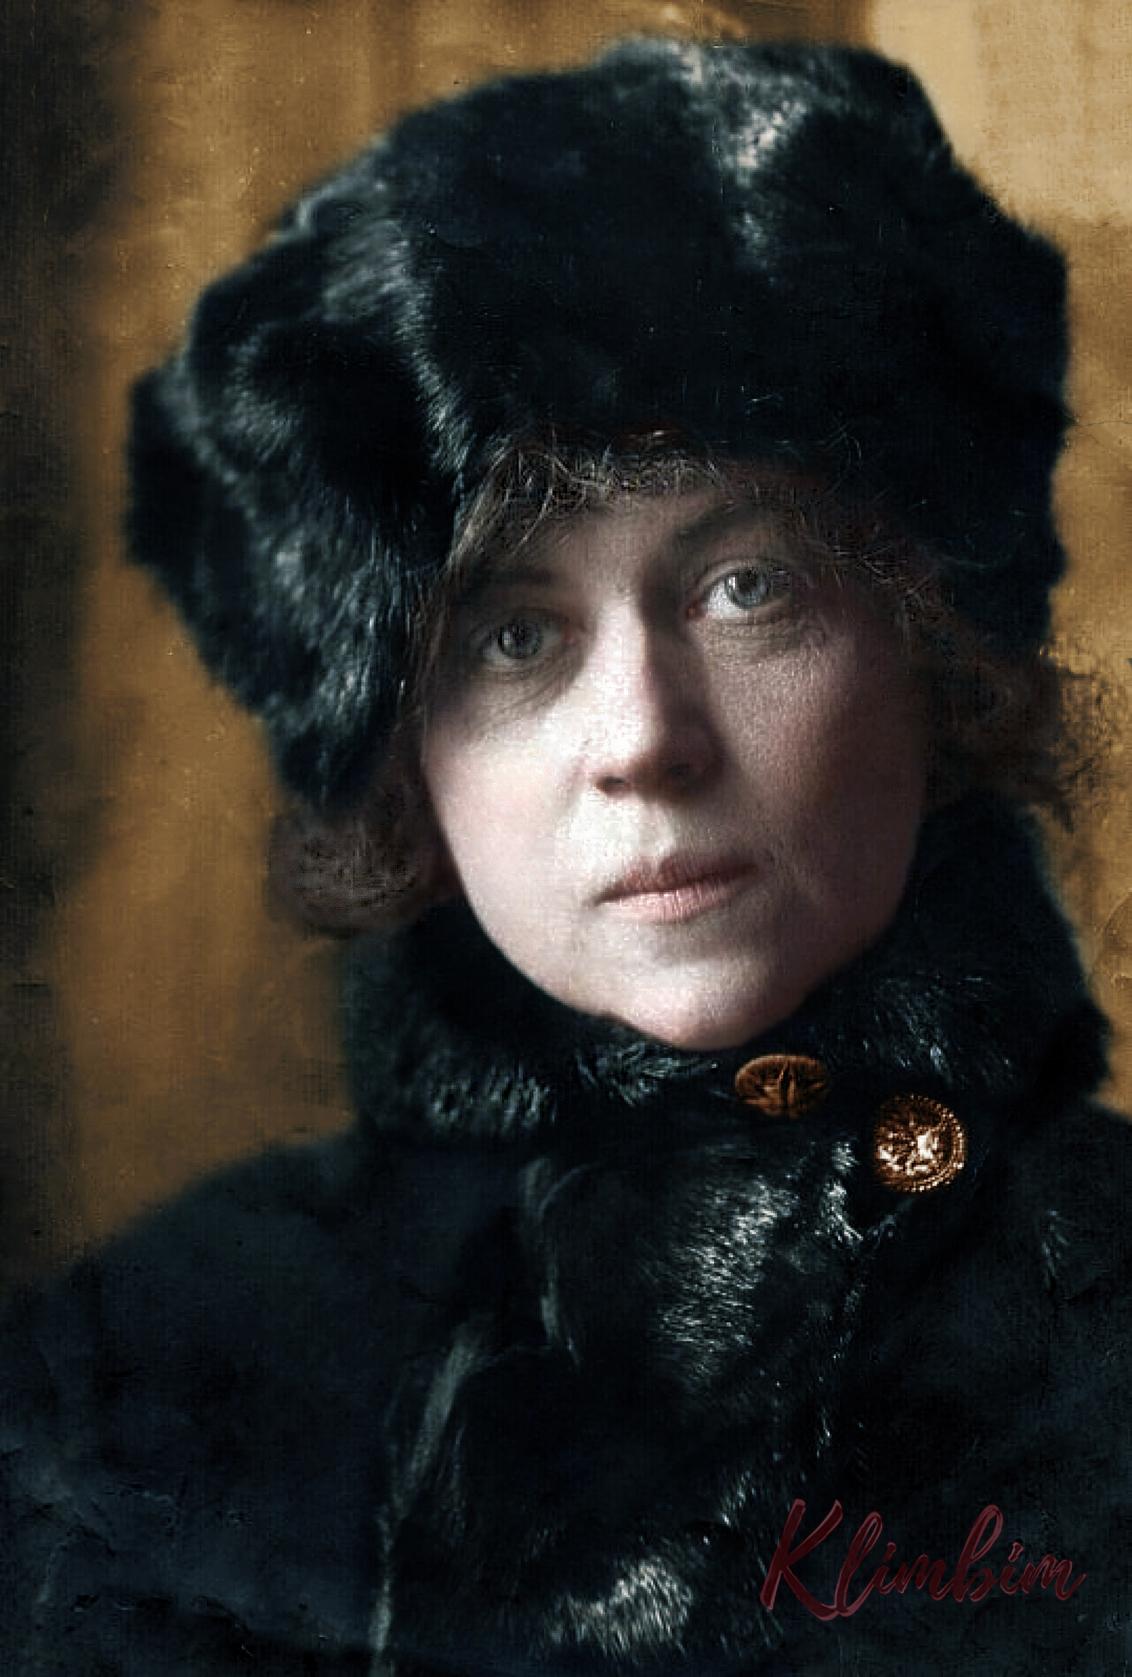 Коллонтай Александра Михайловна, заведующая женотделом ЦК РКП(б), Москва, сентябрь 1922